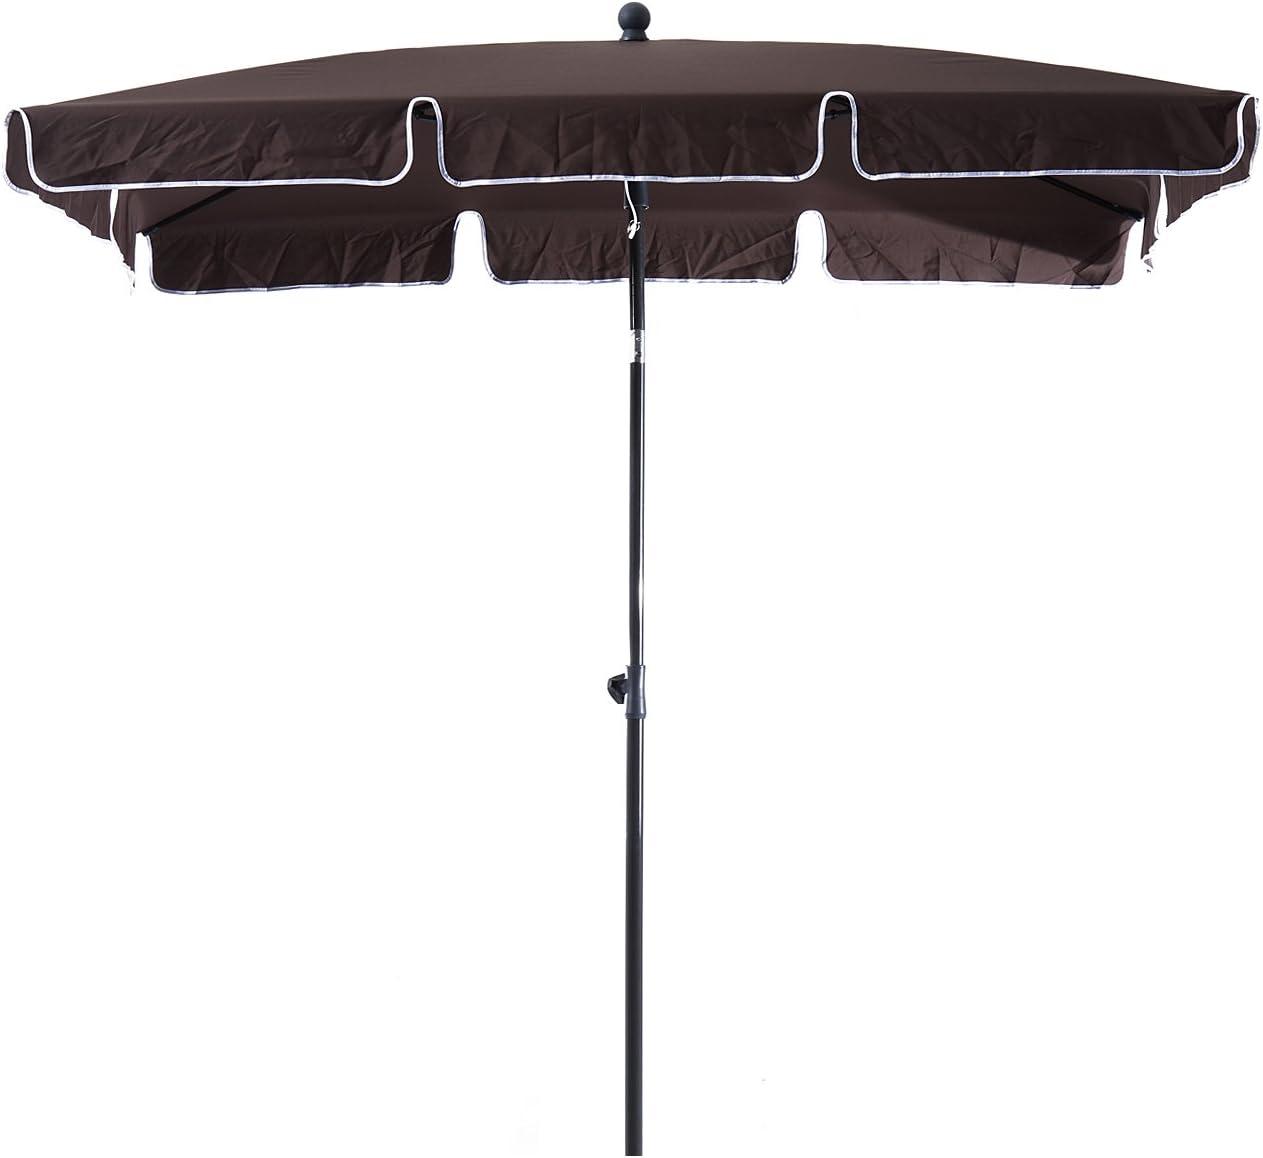 Outsunny Sombrilla Cuadrada Grande Parasol con Ángulo Ajustable para Patio Terraza o Jardín 200x125x235cm En Color Marrón